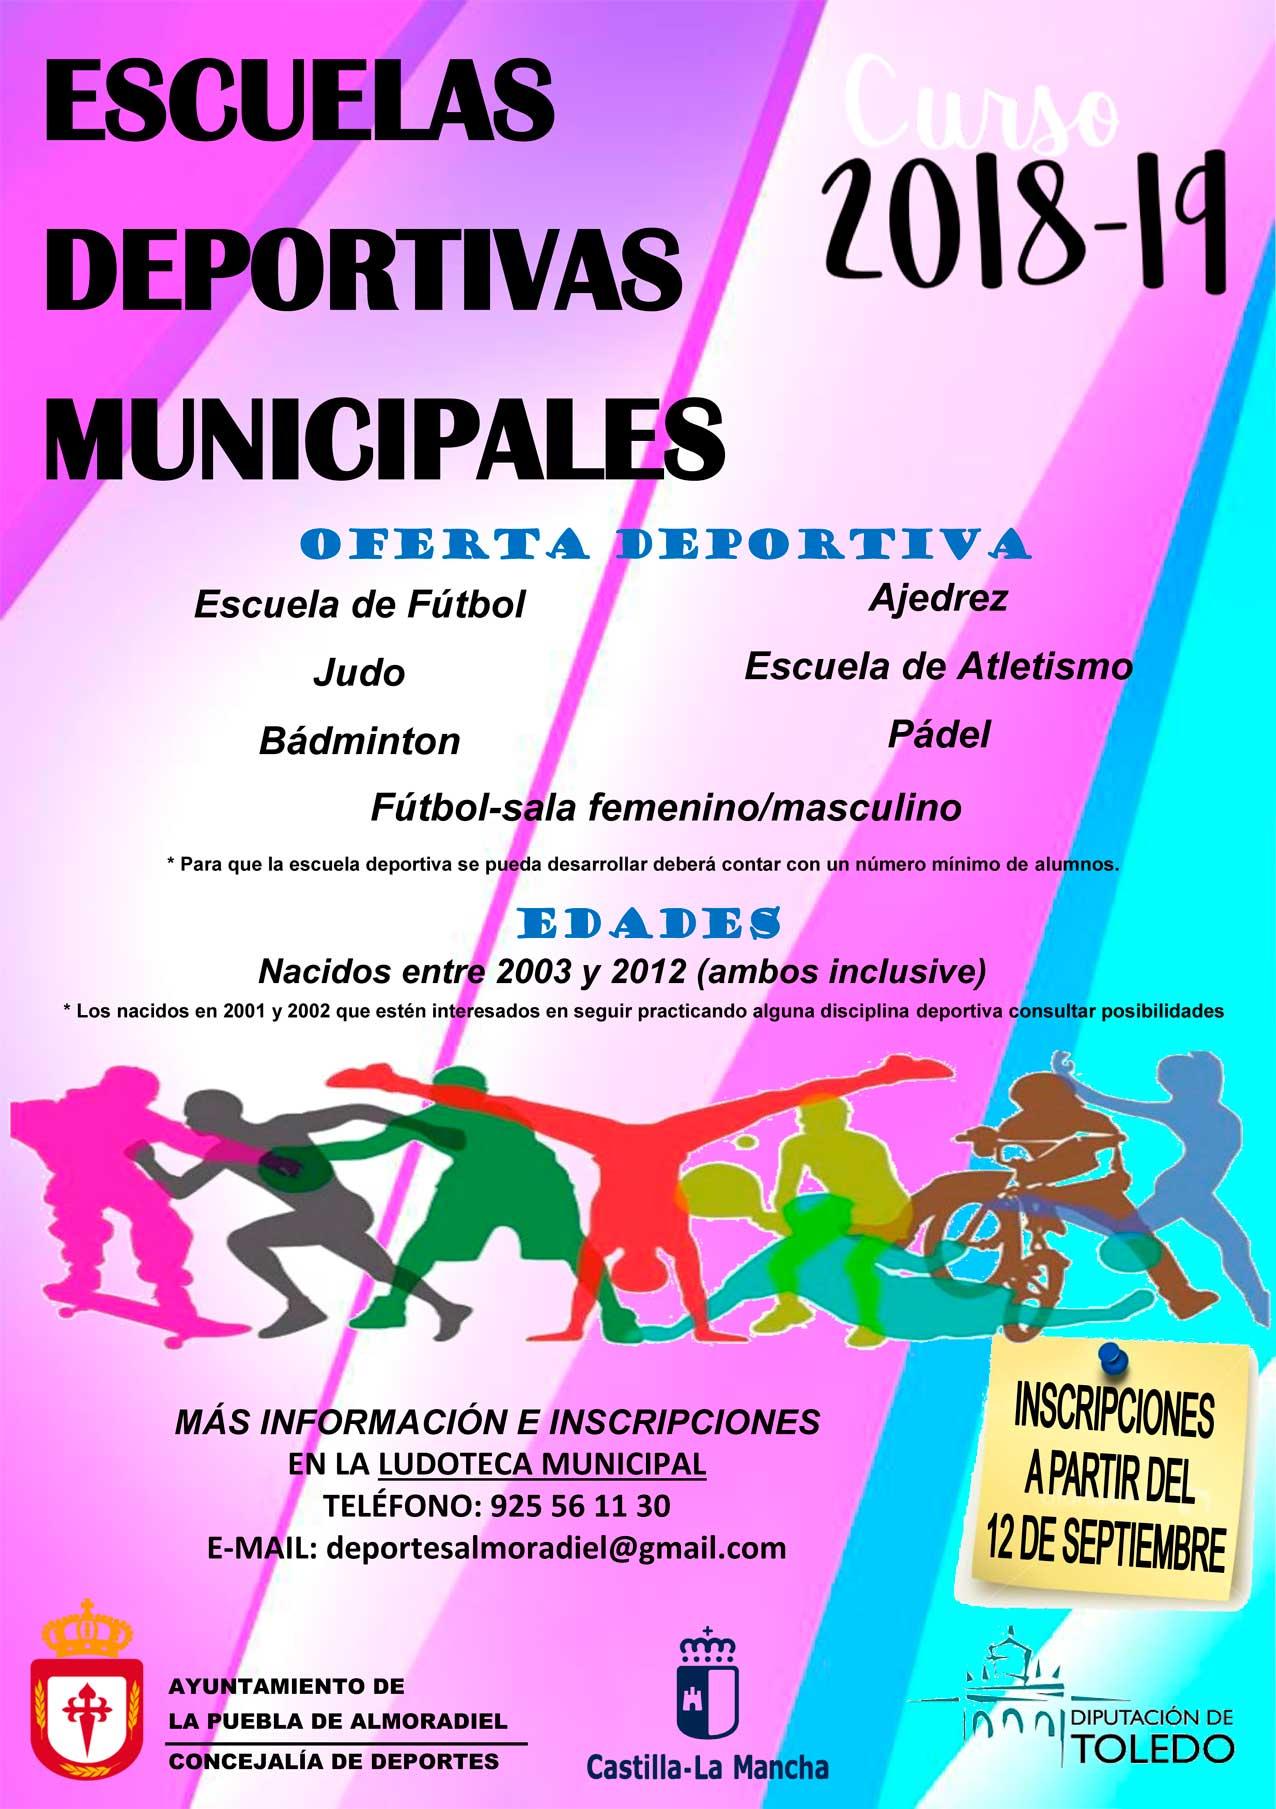 f0d5c7956 Escuelas Deportivas 2018-19 - Ayuntamiento de la Puebla de Almoradiel